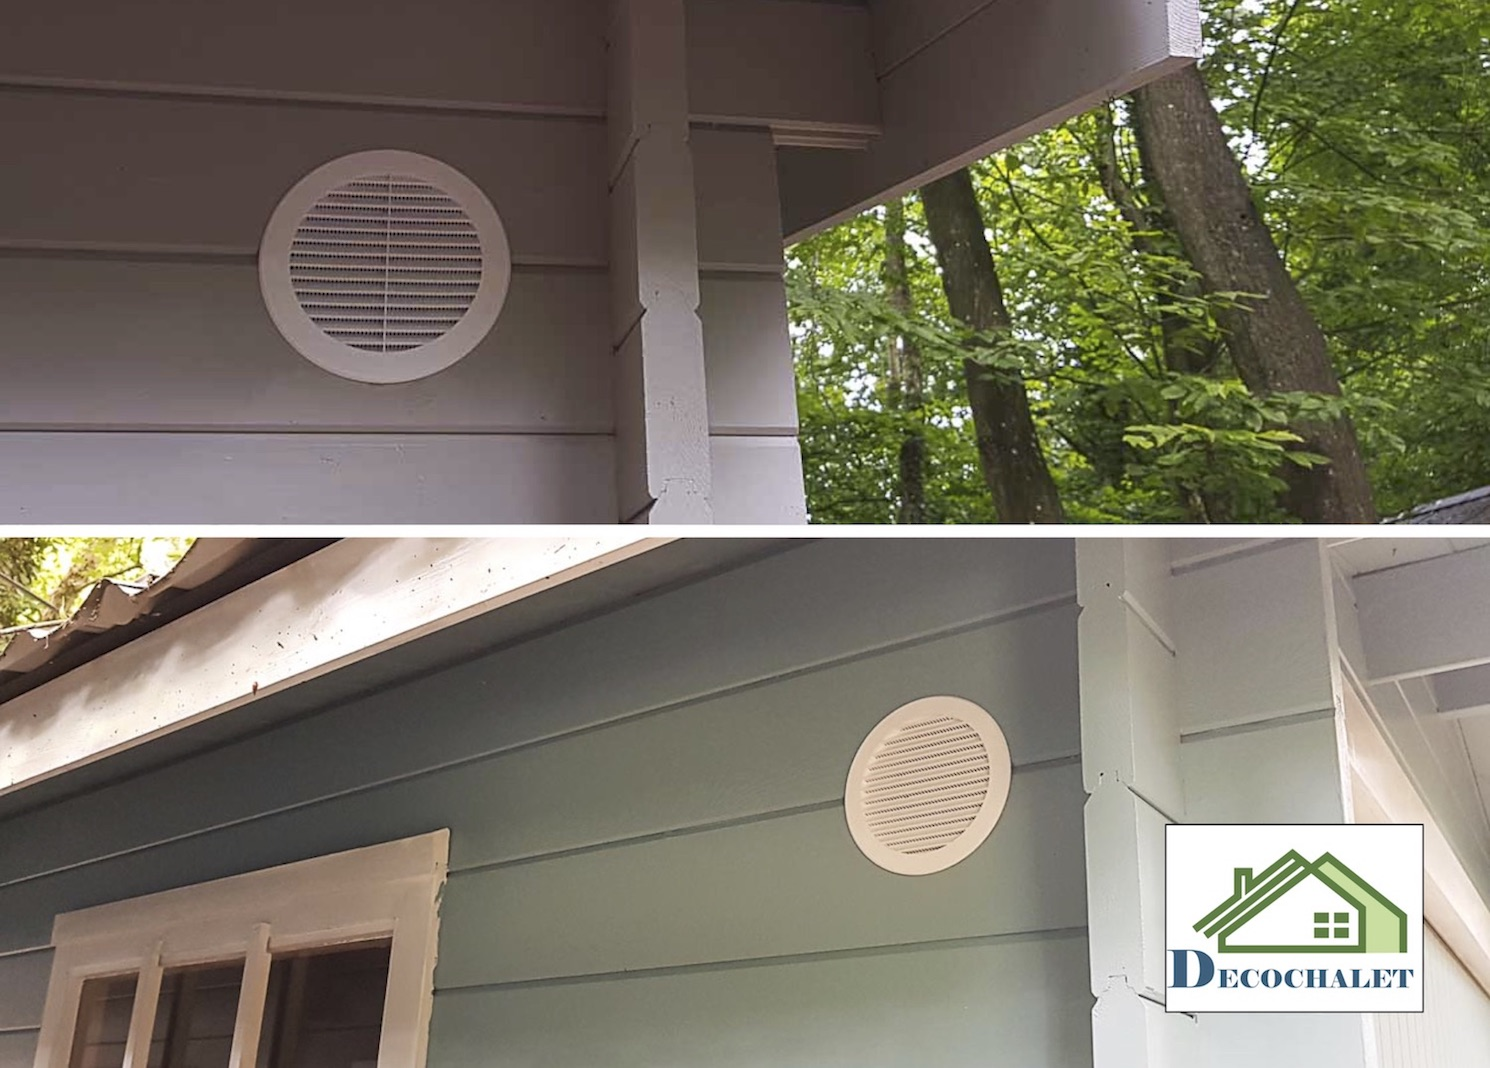 Comment Ventiler Un Garage Humide ventilation : un bol d'air pour votre chalet ! - decochalet